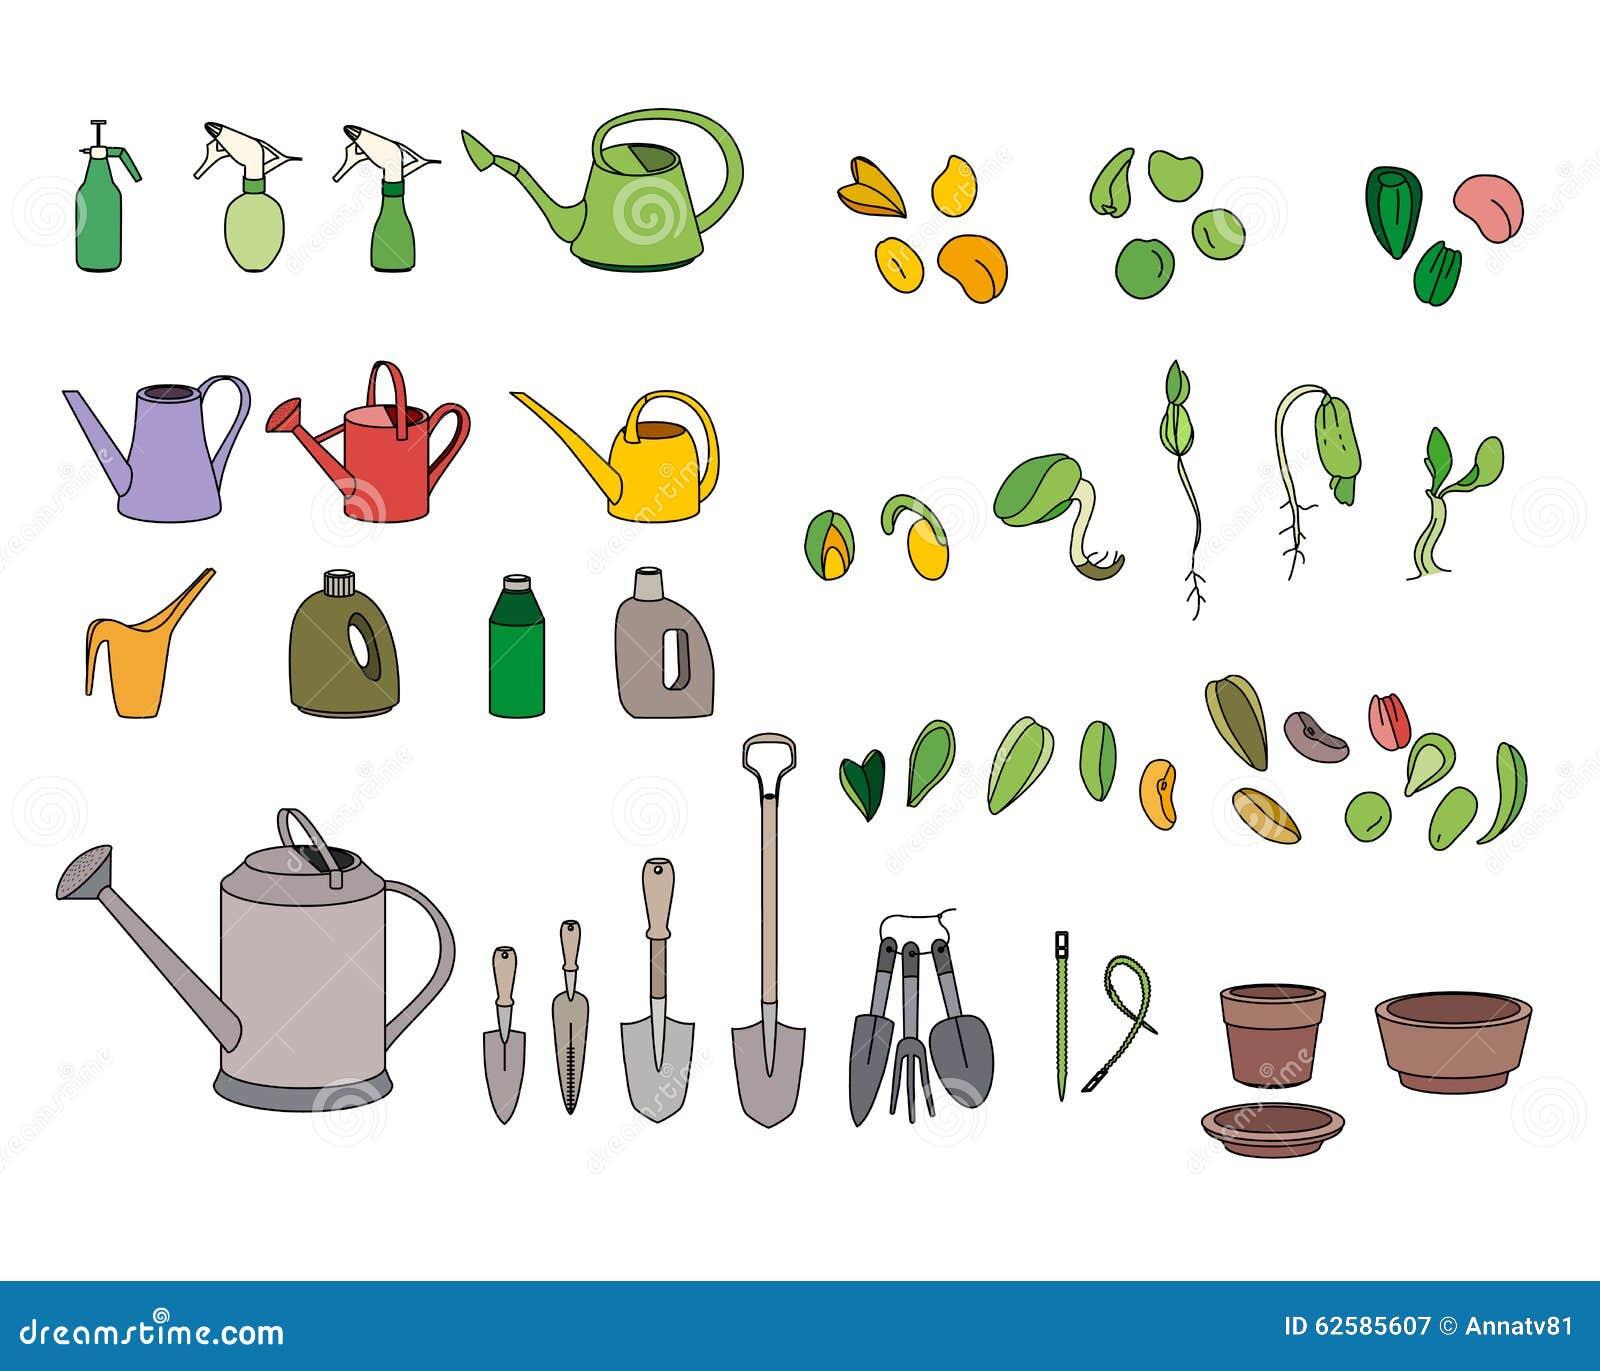 Garden tools and equipments for Garden implements list